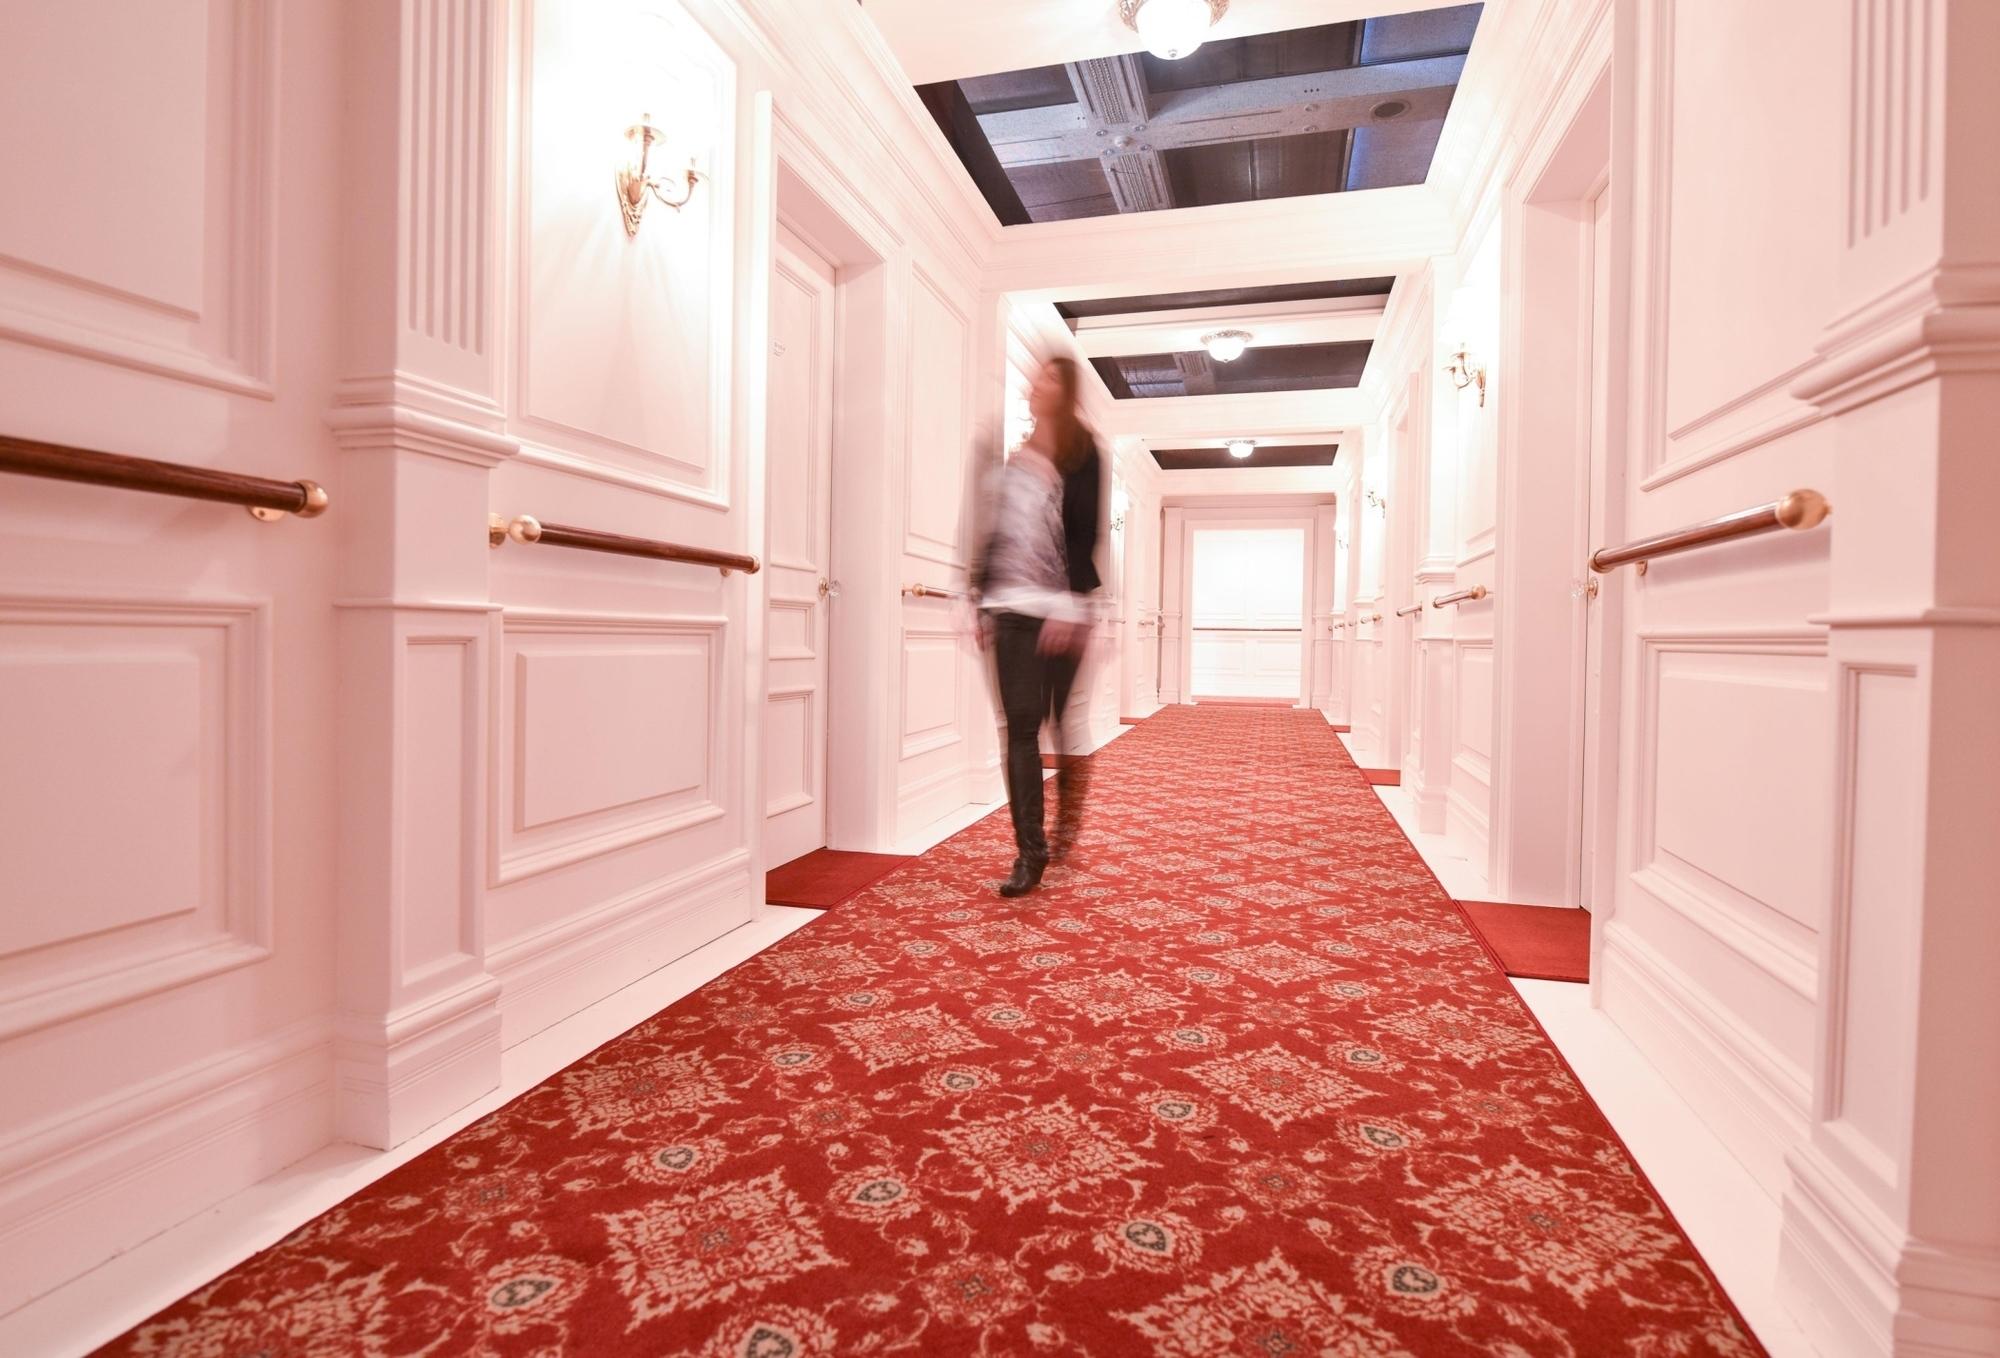 titanic ausstellung in speyer vermischtes nachrichten morgenweb. Black Bedroom Furniture Sets. Home Design Ideas